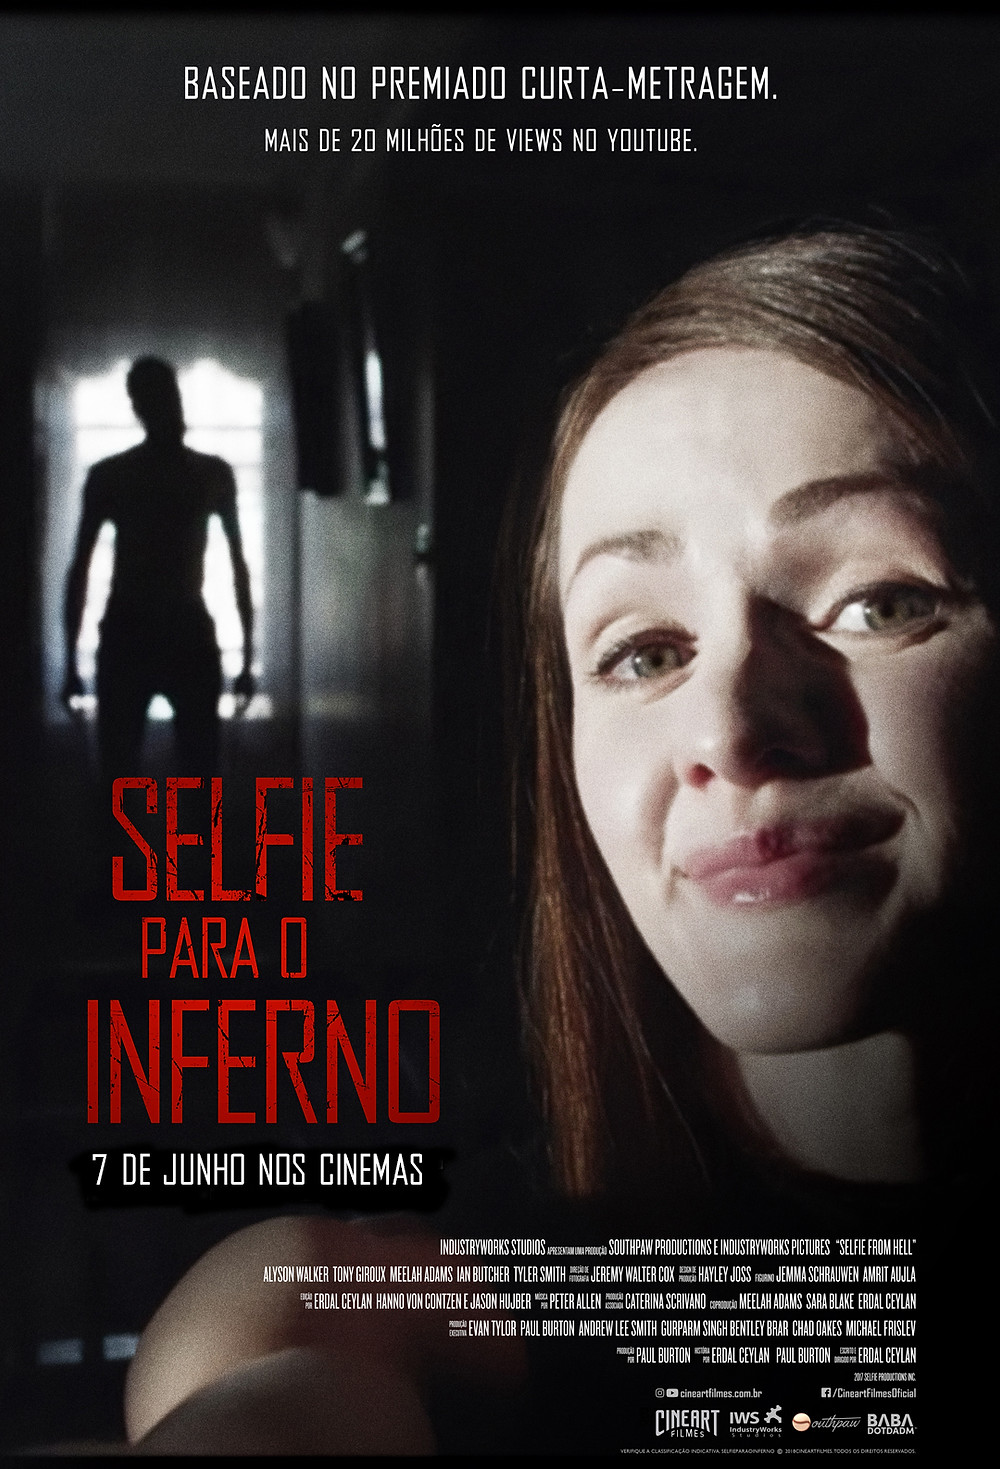 Pôster de Selfie Para o Inferno (2018) | Divulgação (Cineart)